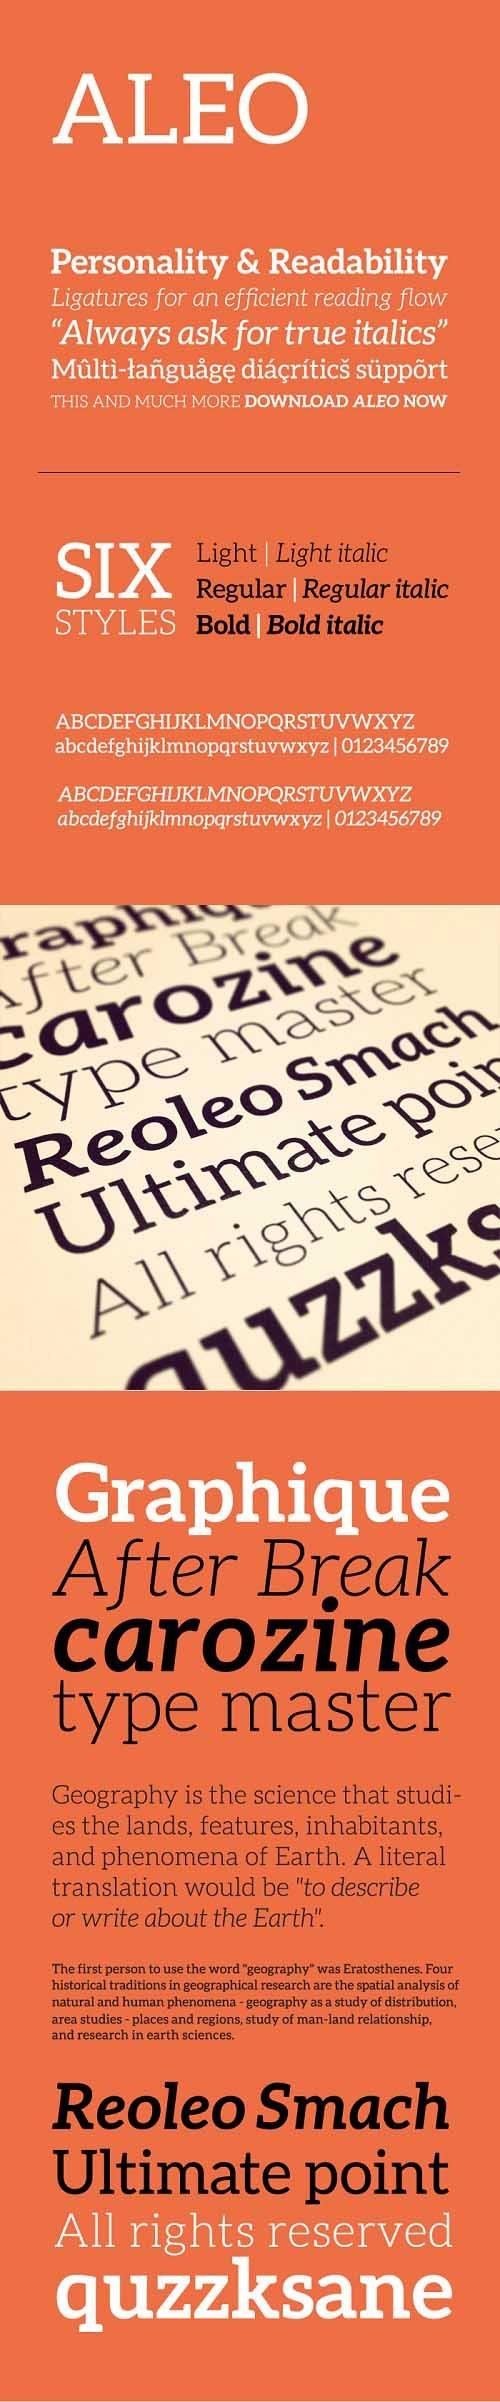 Aleo Font Style